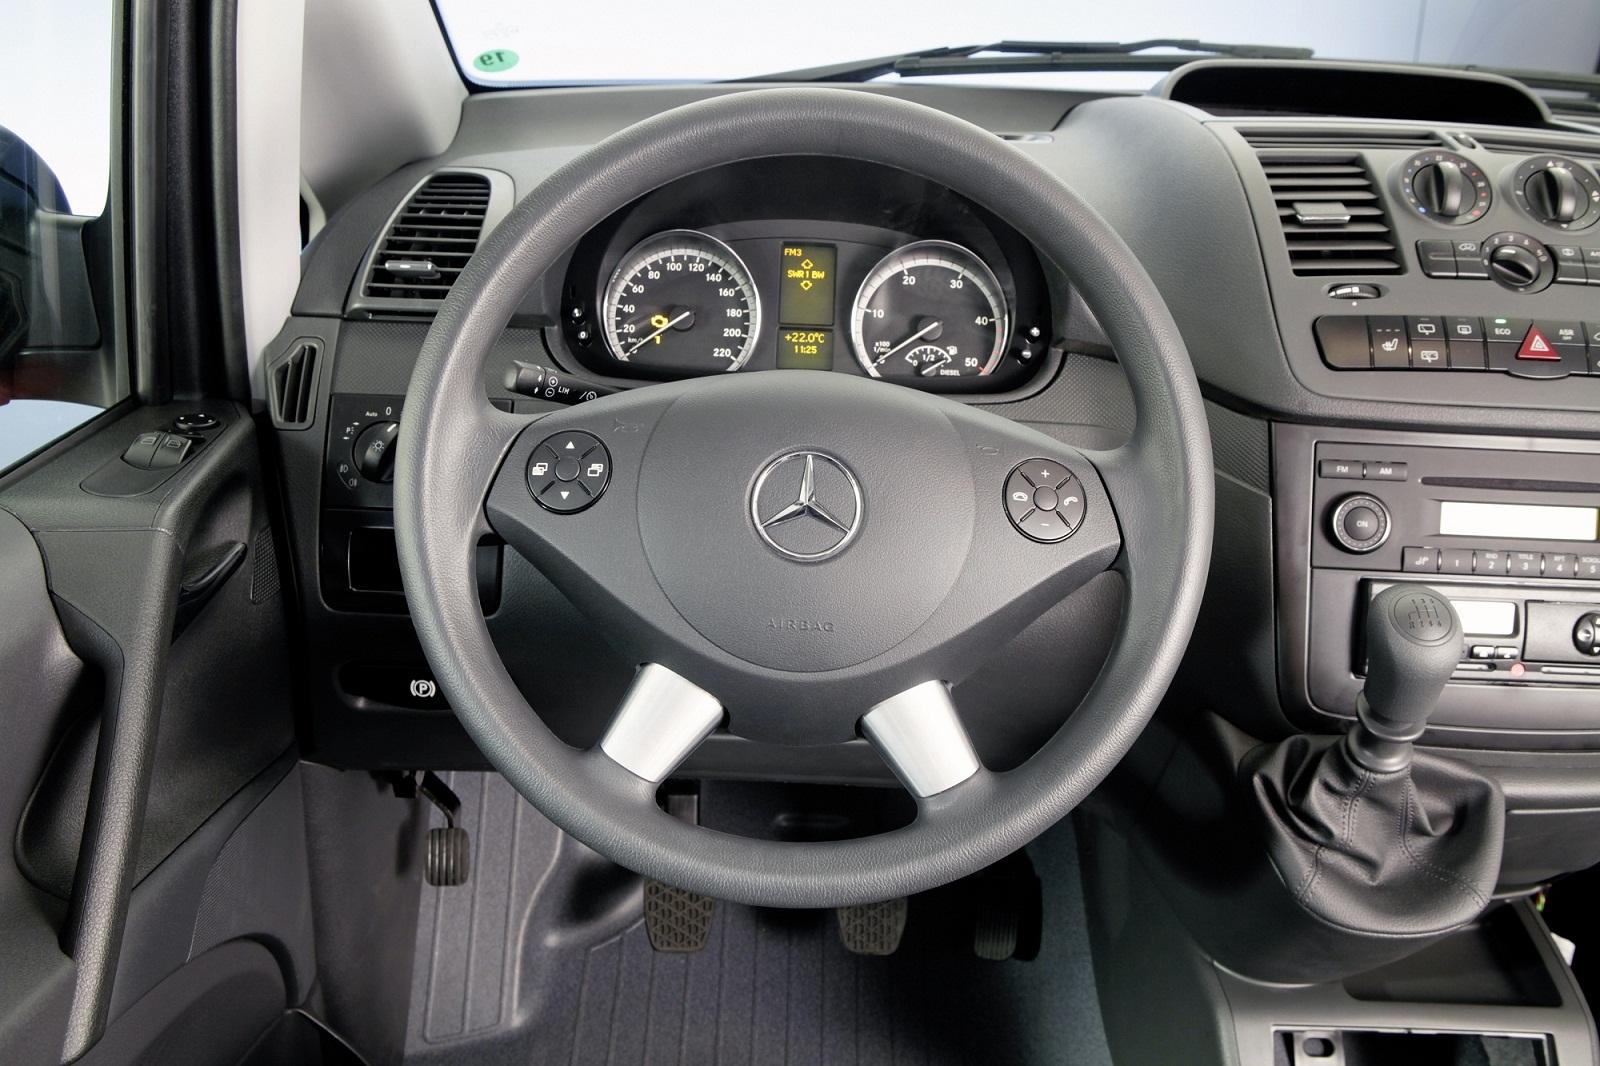 Mercedes Benz Vito 2010 M 225 S Eficiente Y Potente